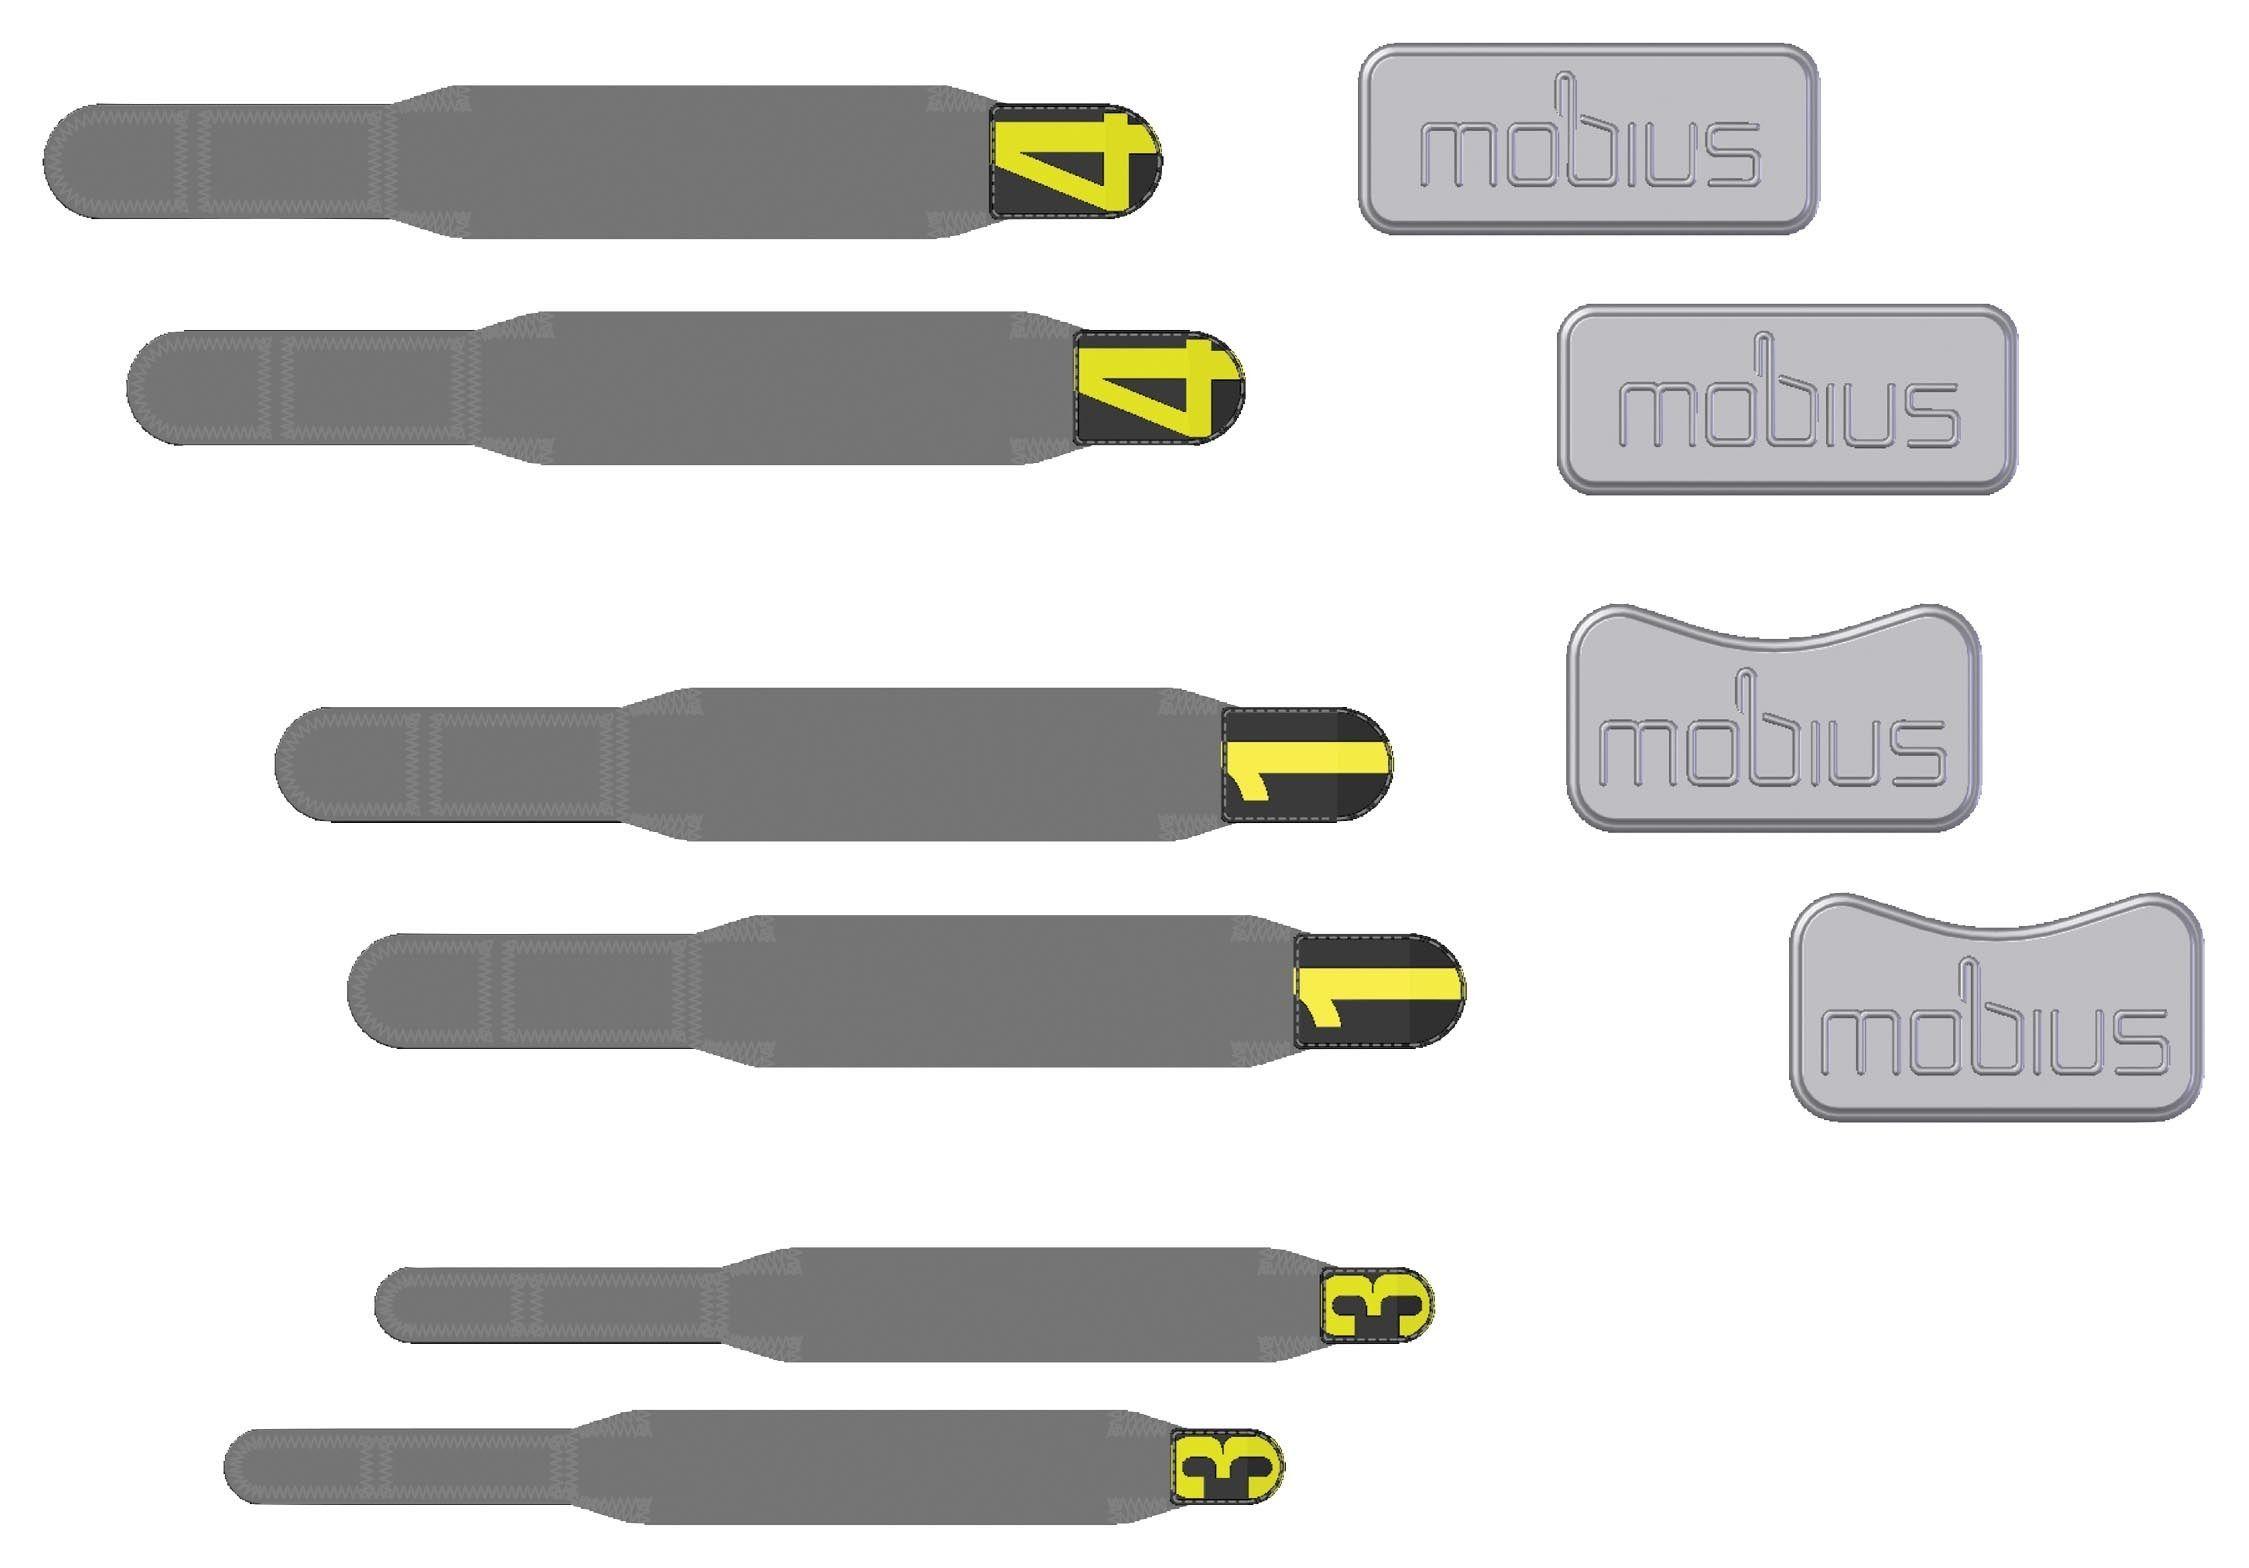 Mobius x8 kelių apsaugų atsarginės dalys